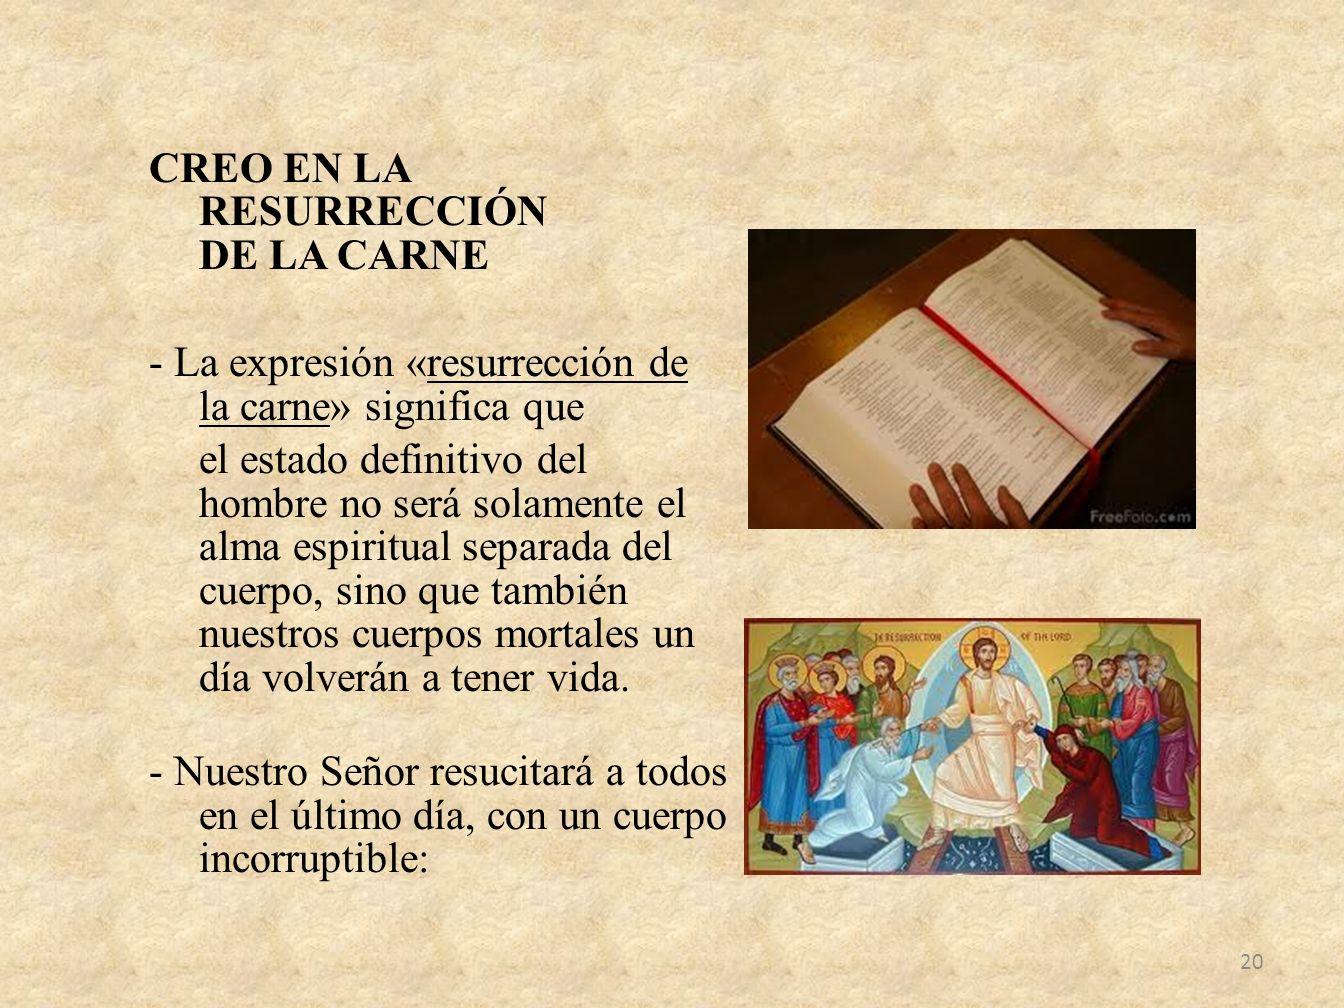 CREO EN LA RESURRECCIÓN DE LA CARNE - La expresión «resurrección de la carne» significa que el estado definitivo del hombre no será solamente el alma